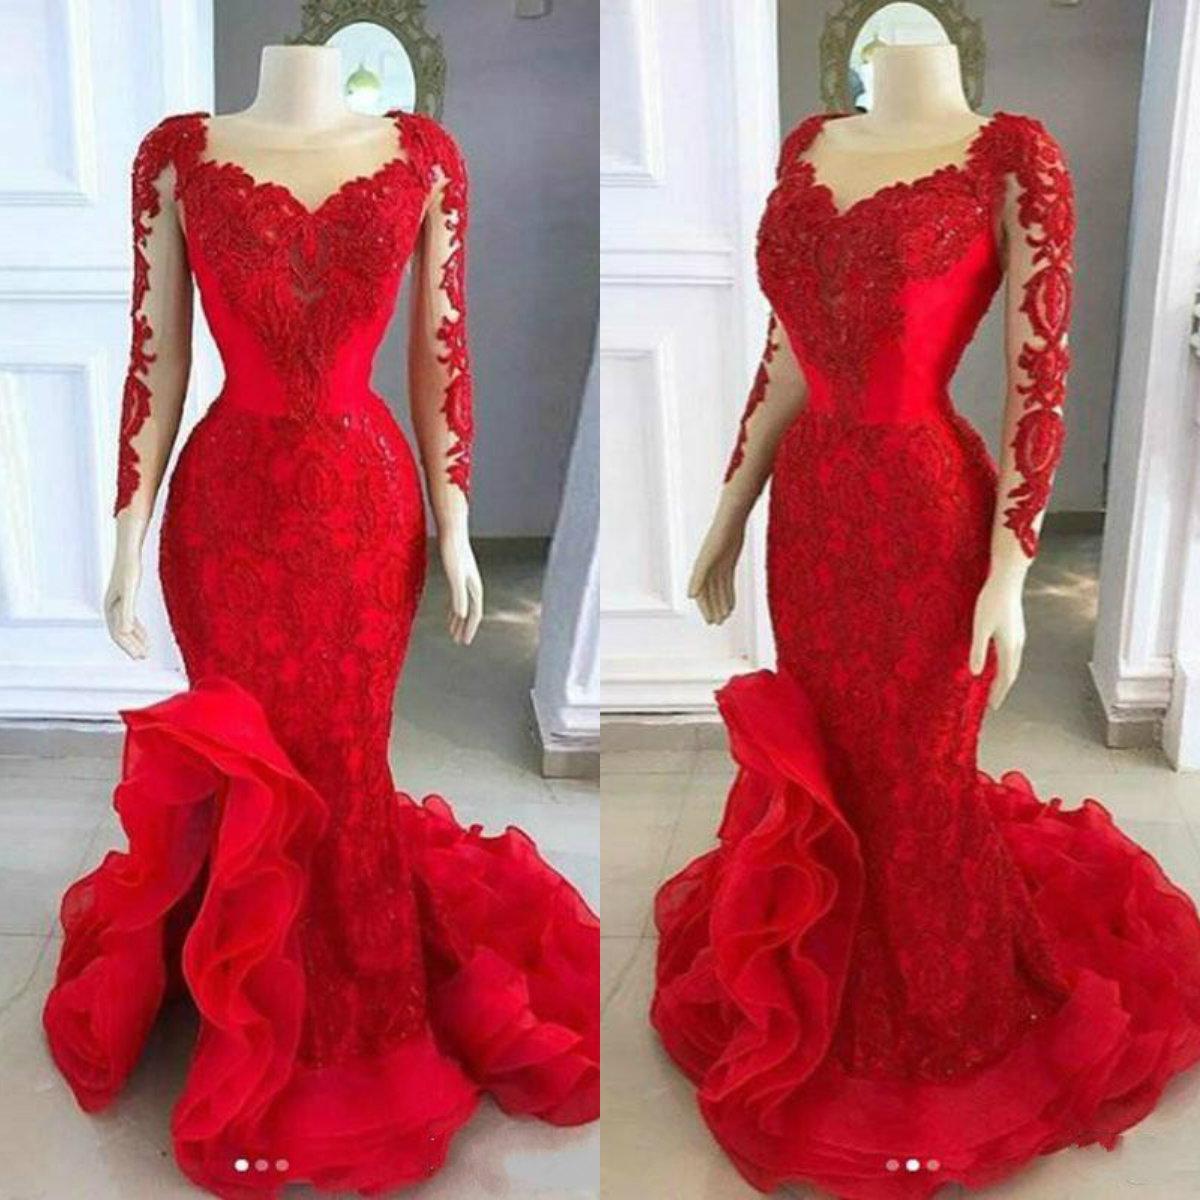 2020 Красной Русалка Вечерних платья Sheer декольте кружево аппликация с длинным рукавом платье с низким Разделить Sweep Поезда Arabic Формальной партии Gowns